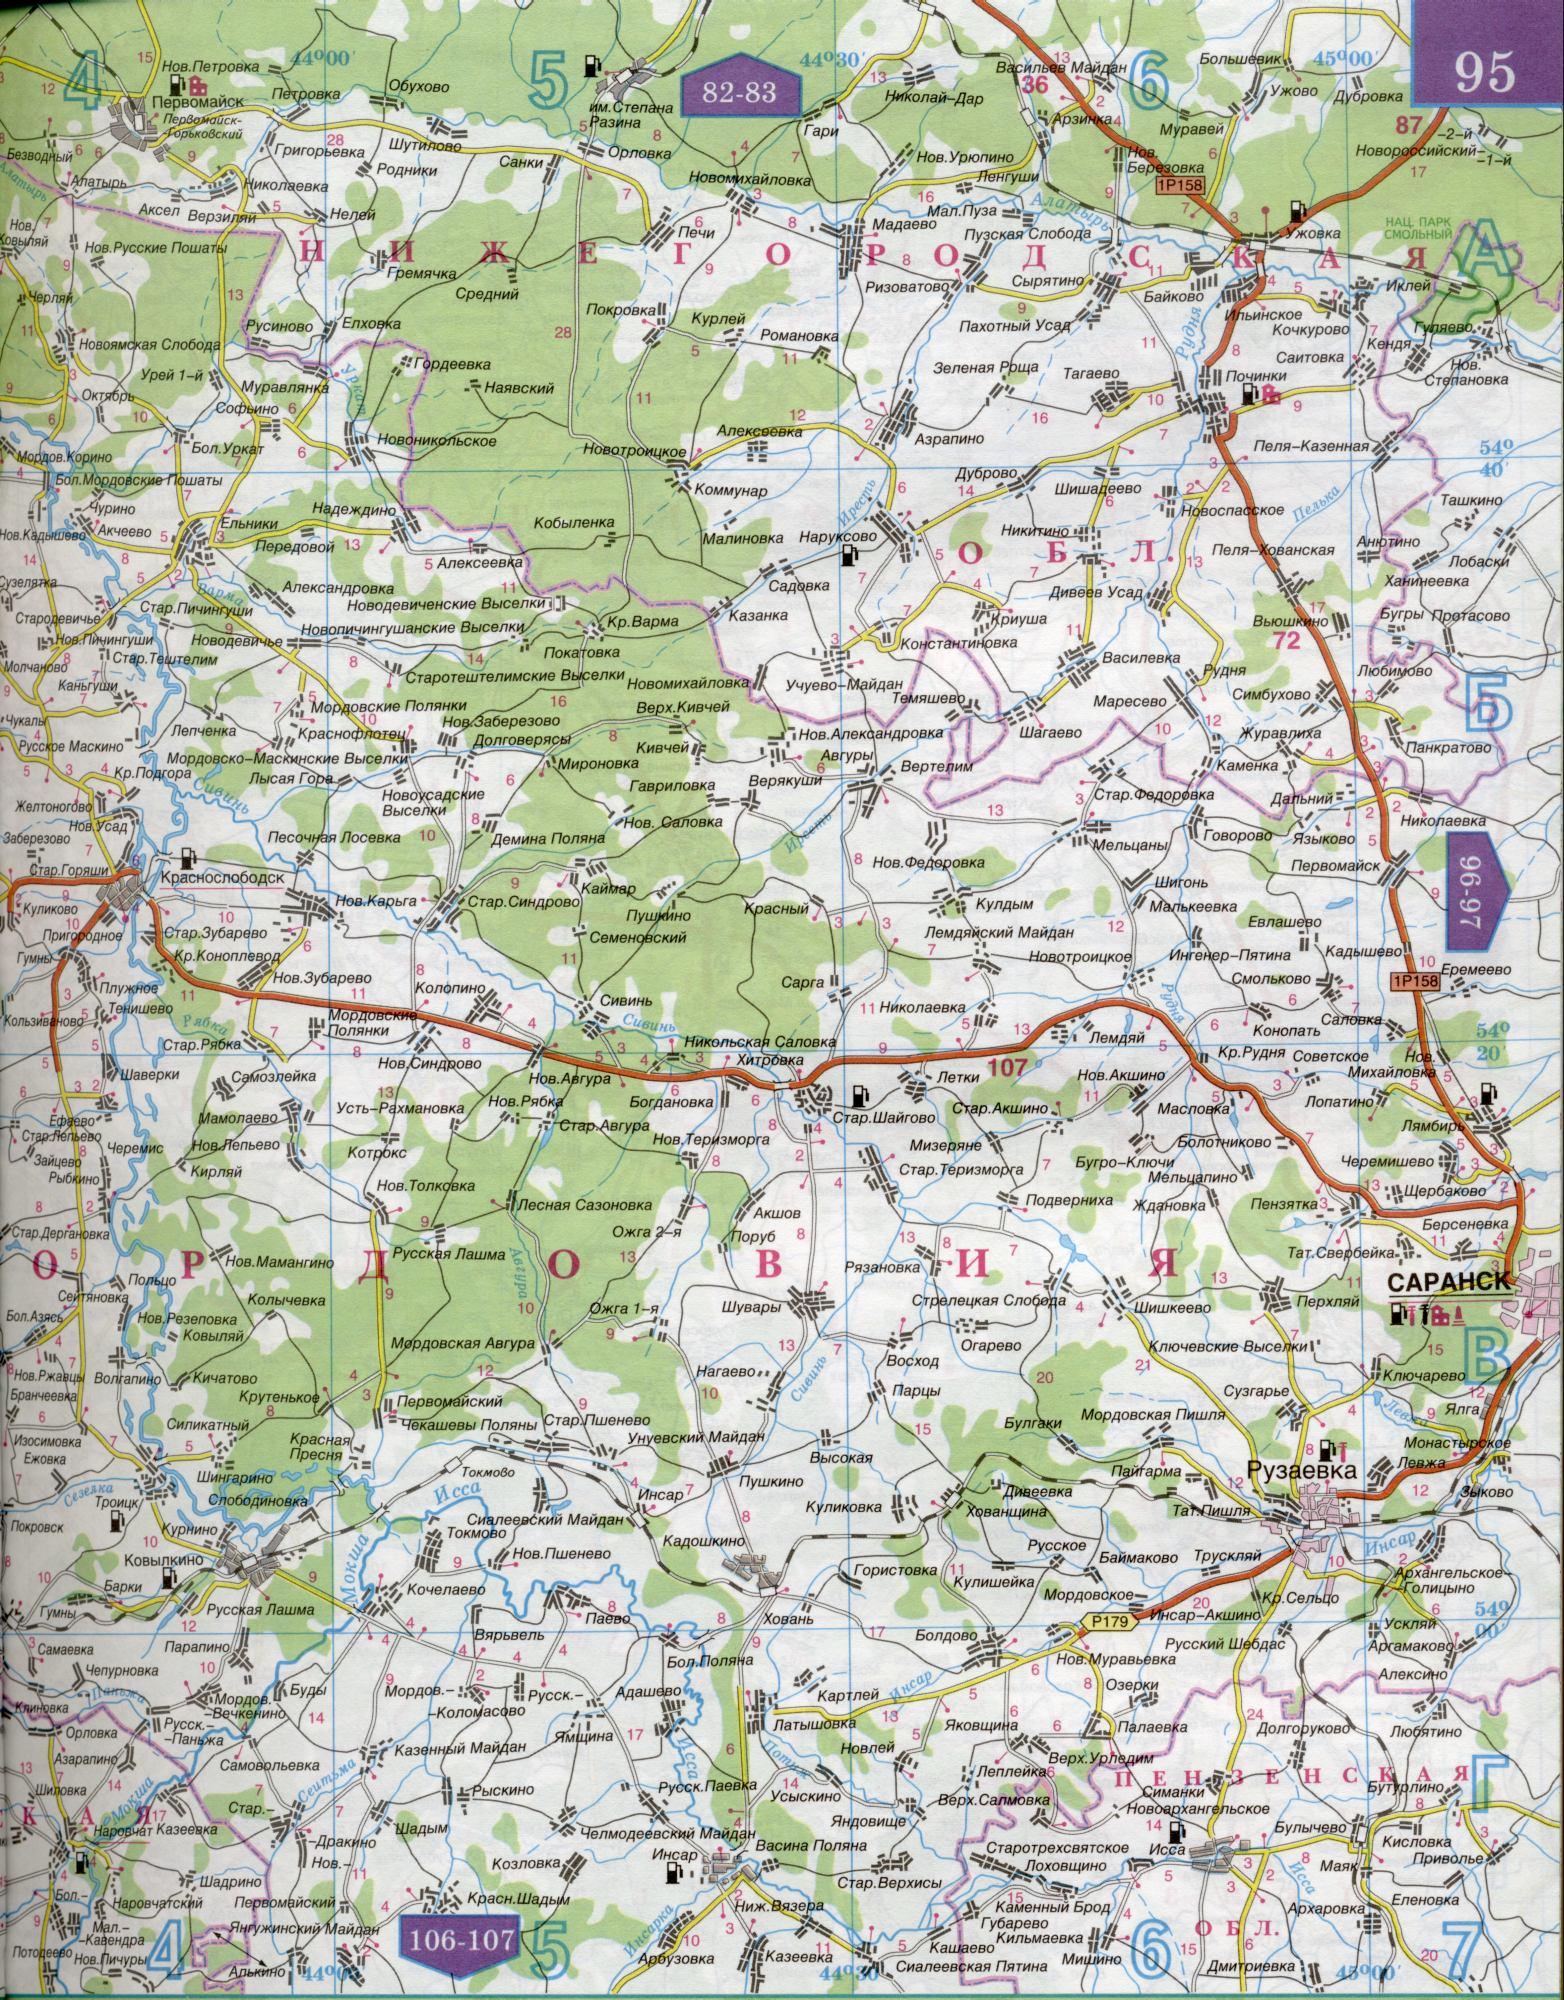 Карта республики Мордовии 1см = 5км. Карта автомобильных дорог ...